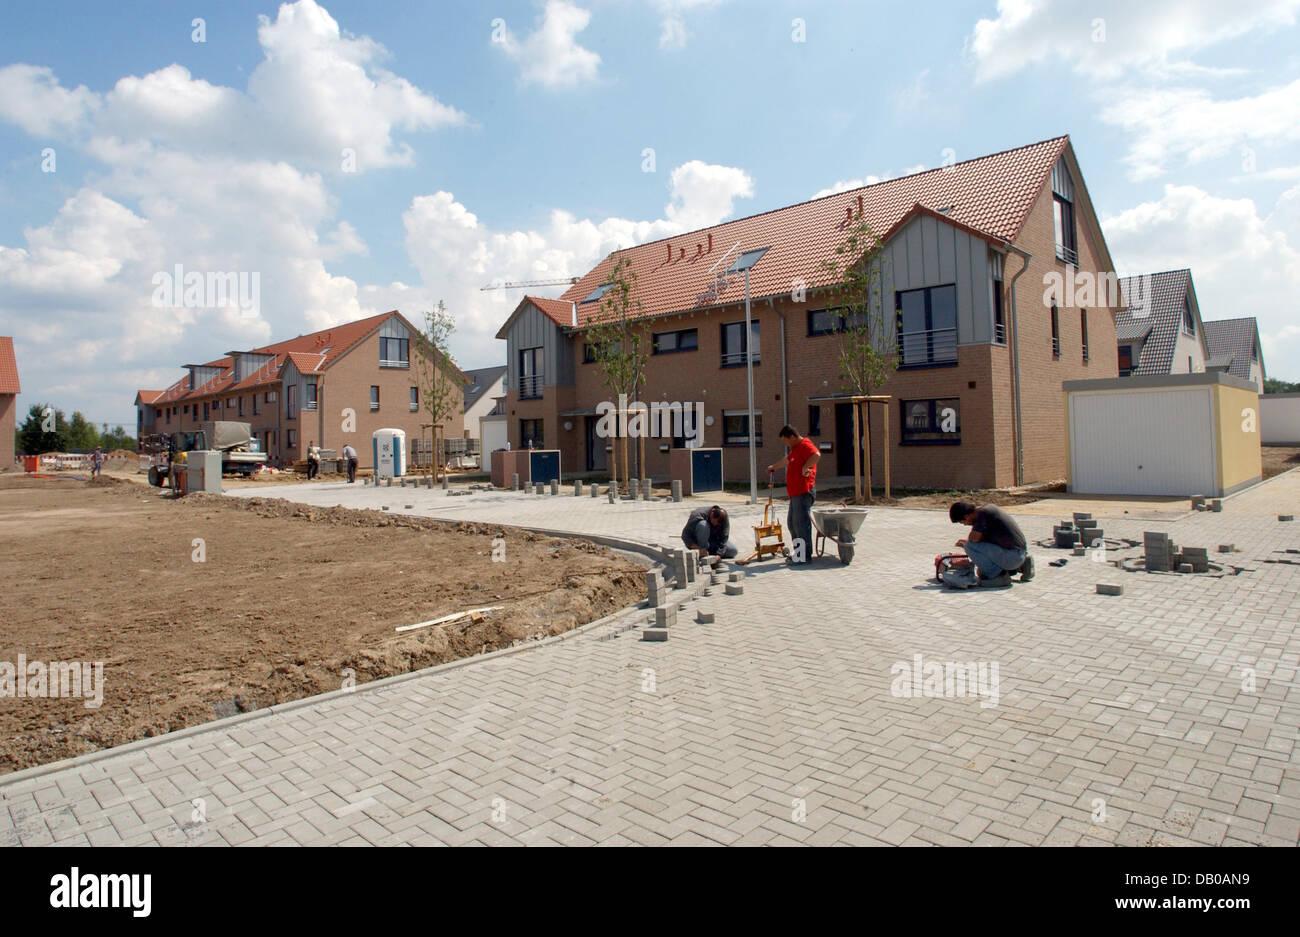 Das Bild zeigt Einfamilien-Häuser und Maisonetten strukturell auf eine neue Wohnsiedlung in Düsseldorf-Wittlaer, Stockfoto